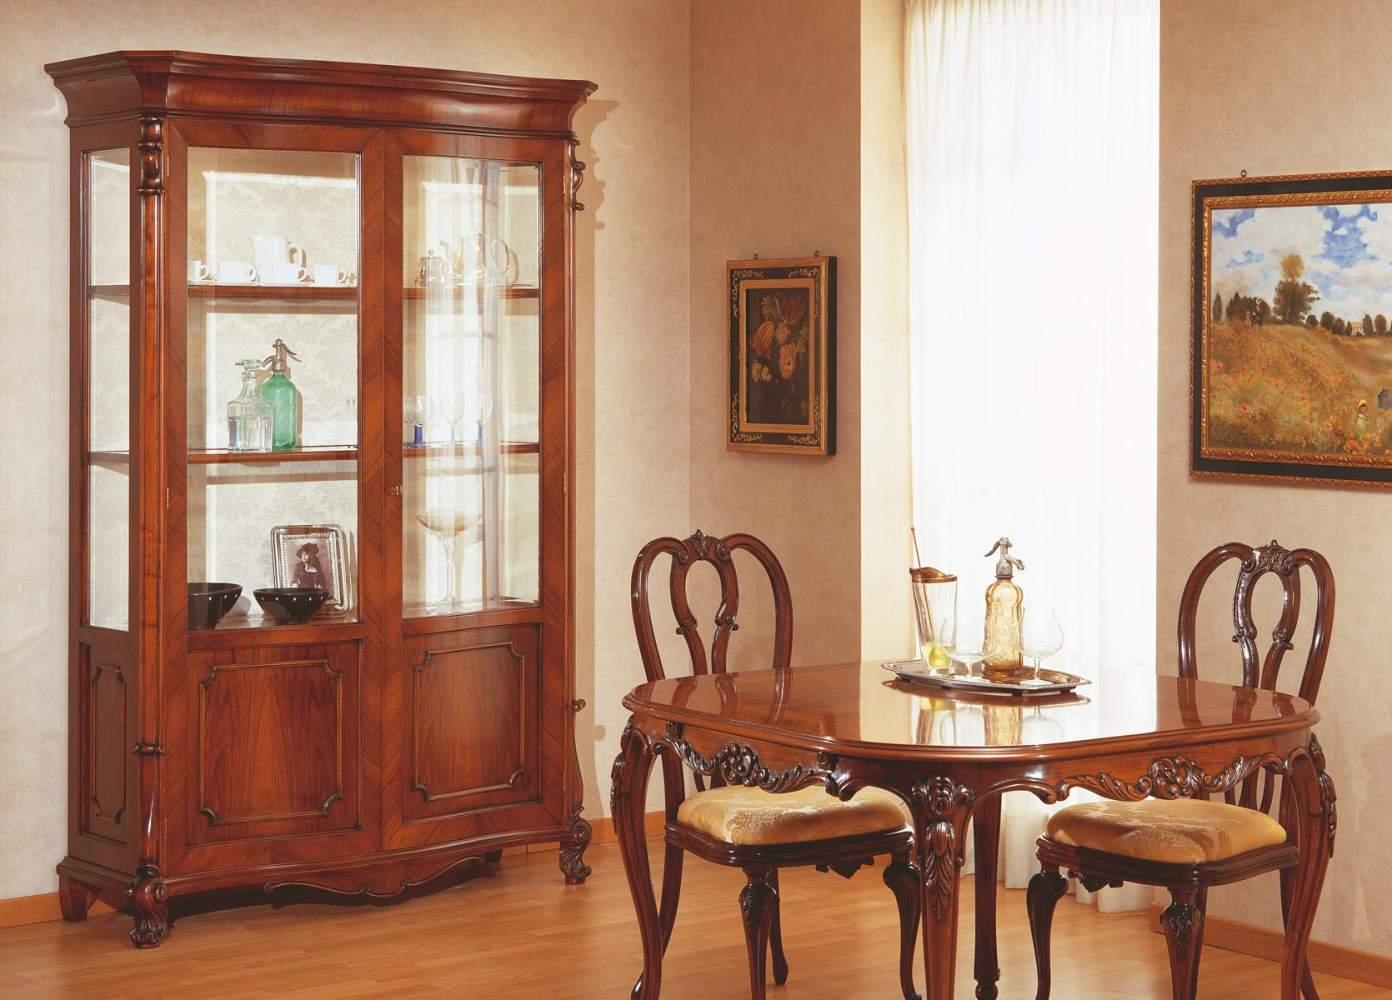 Tavolo In Stile Classico Stilema Pictures To Pin On Pinterest #AD4A1E 1392 1000 Sala Da Pranzo Classica Stilema